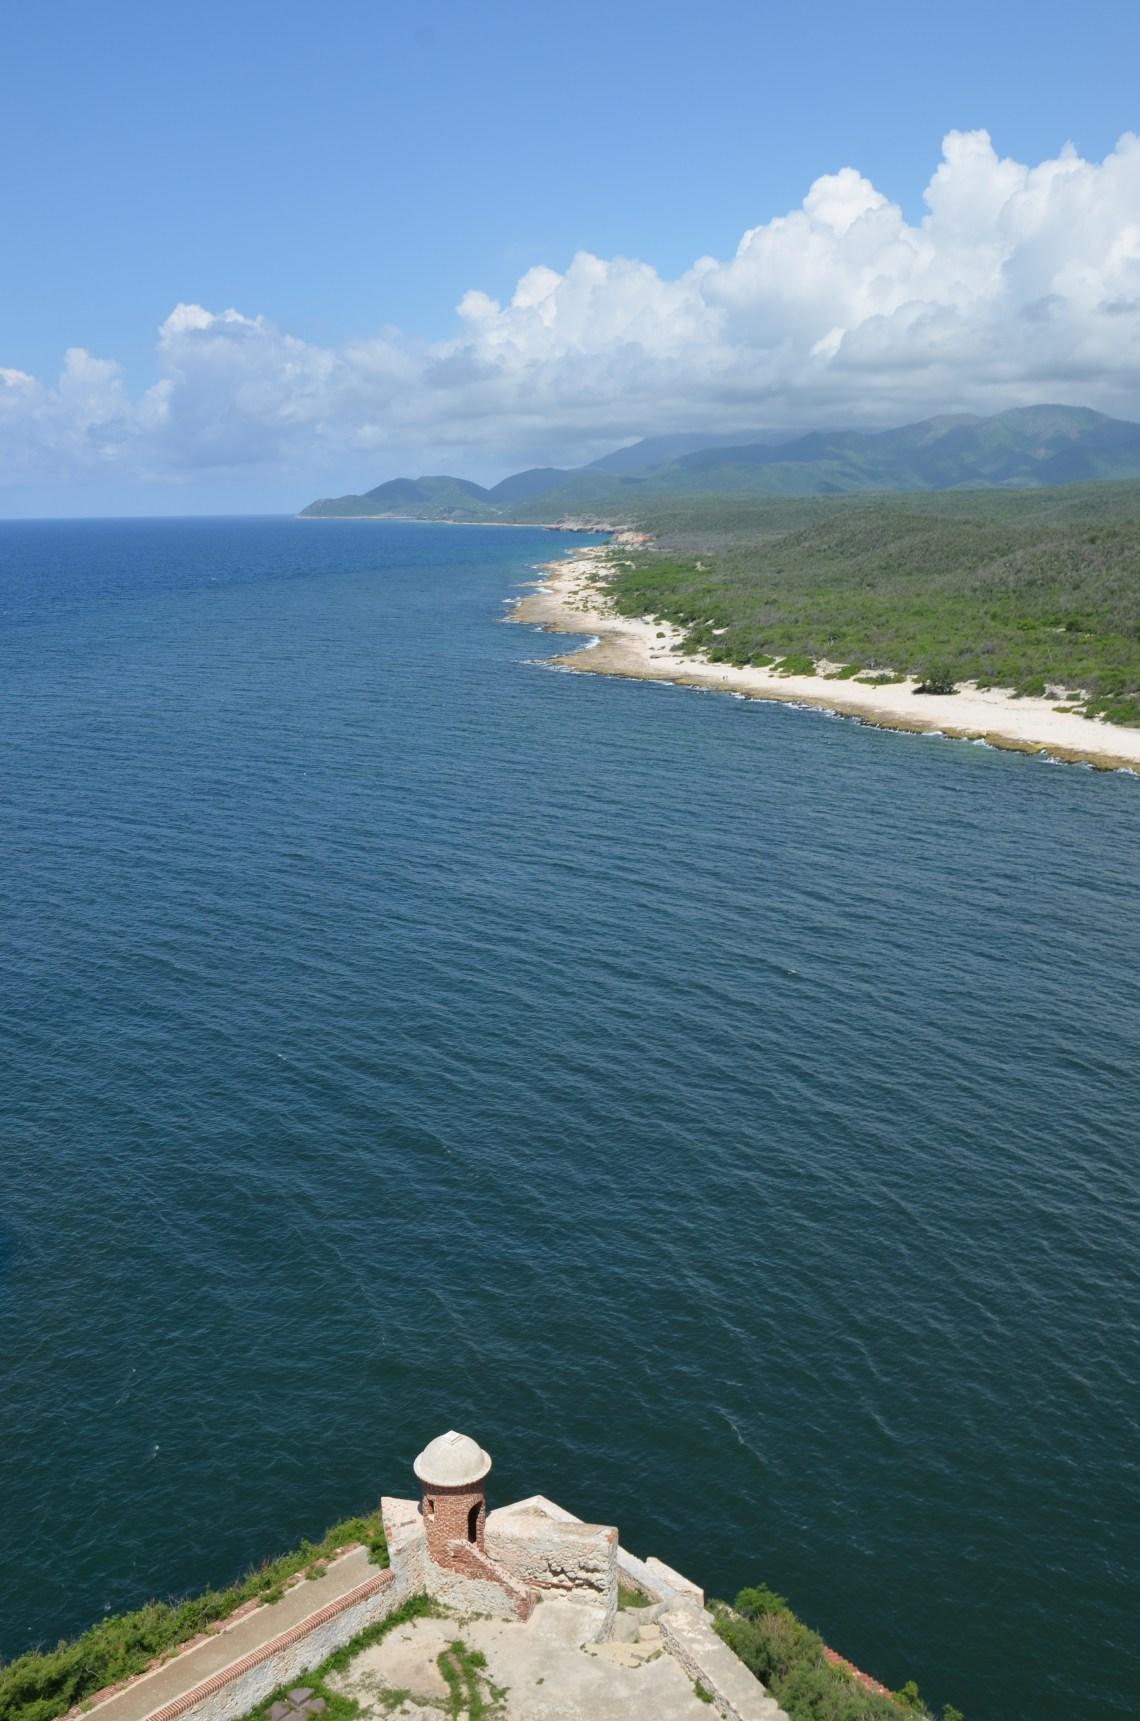 View from fort, Santiago de Cuba